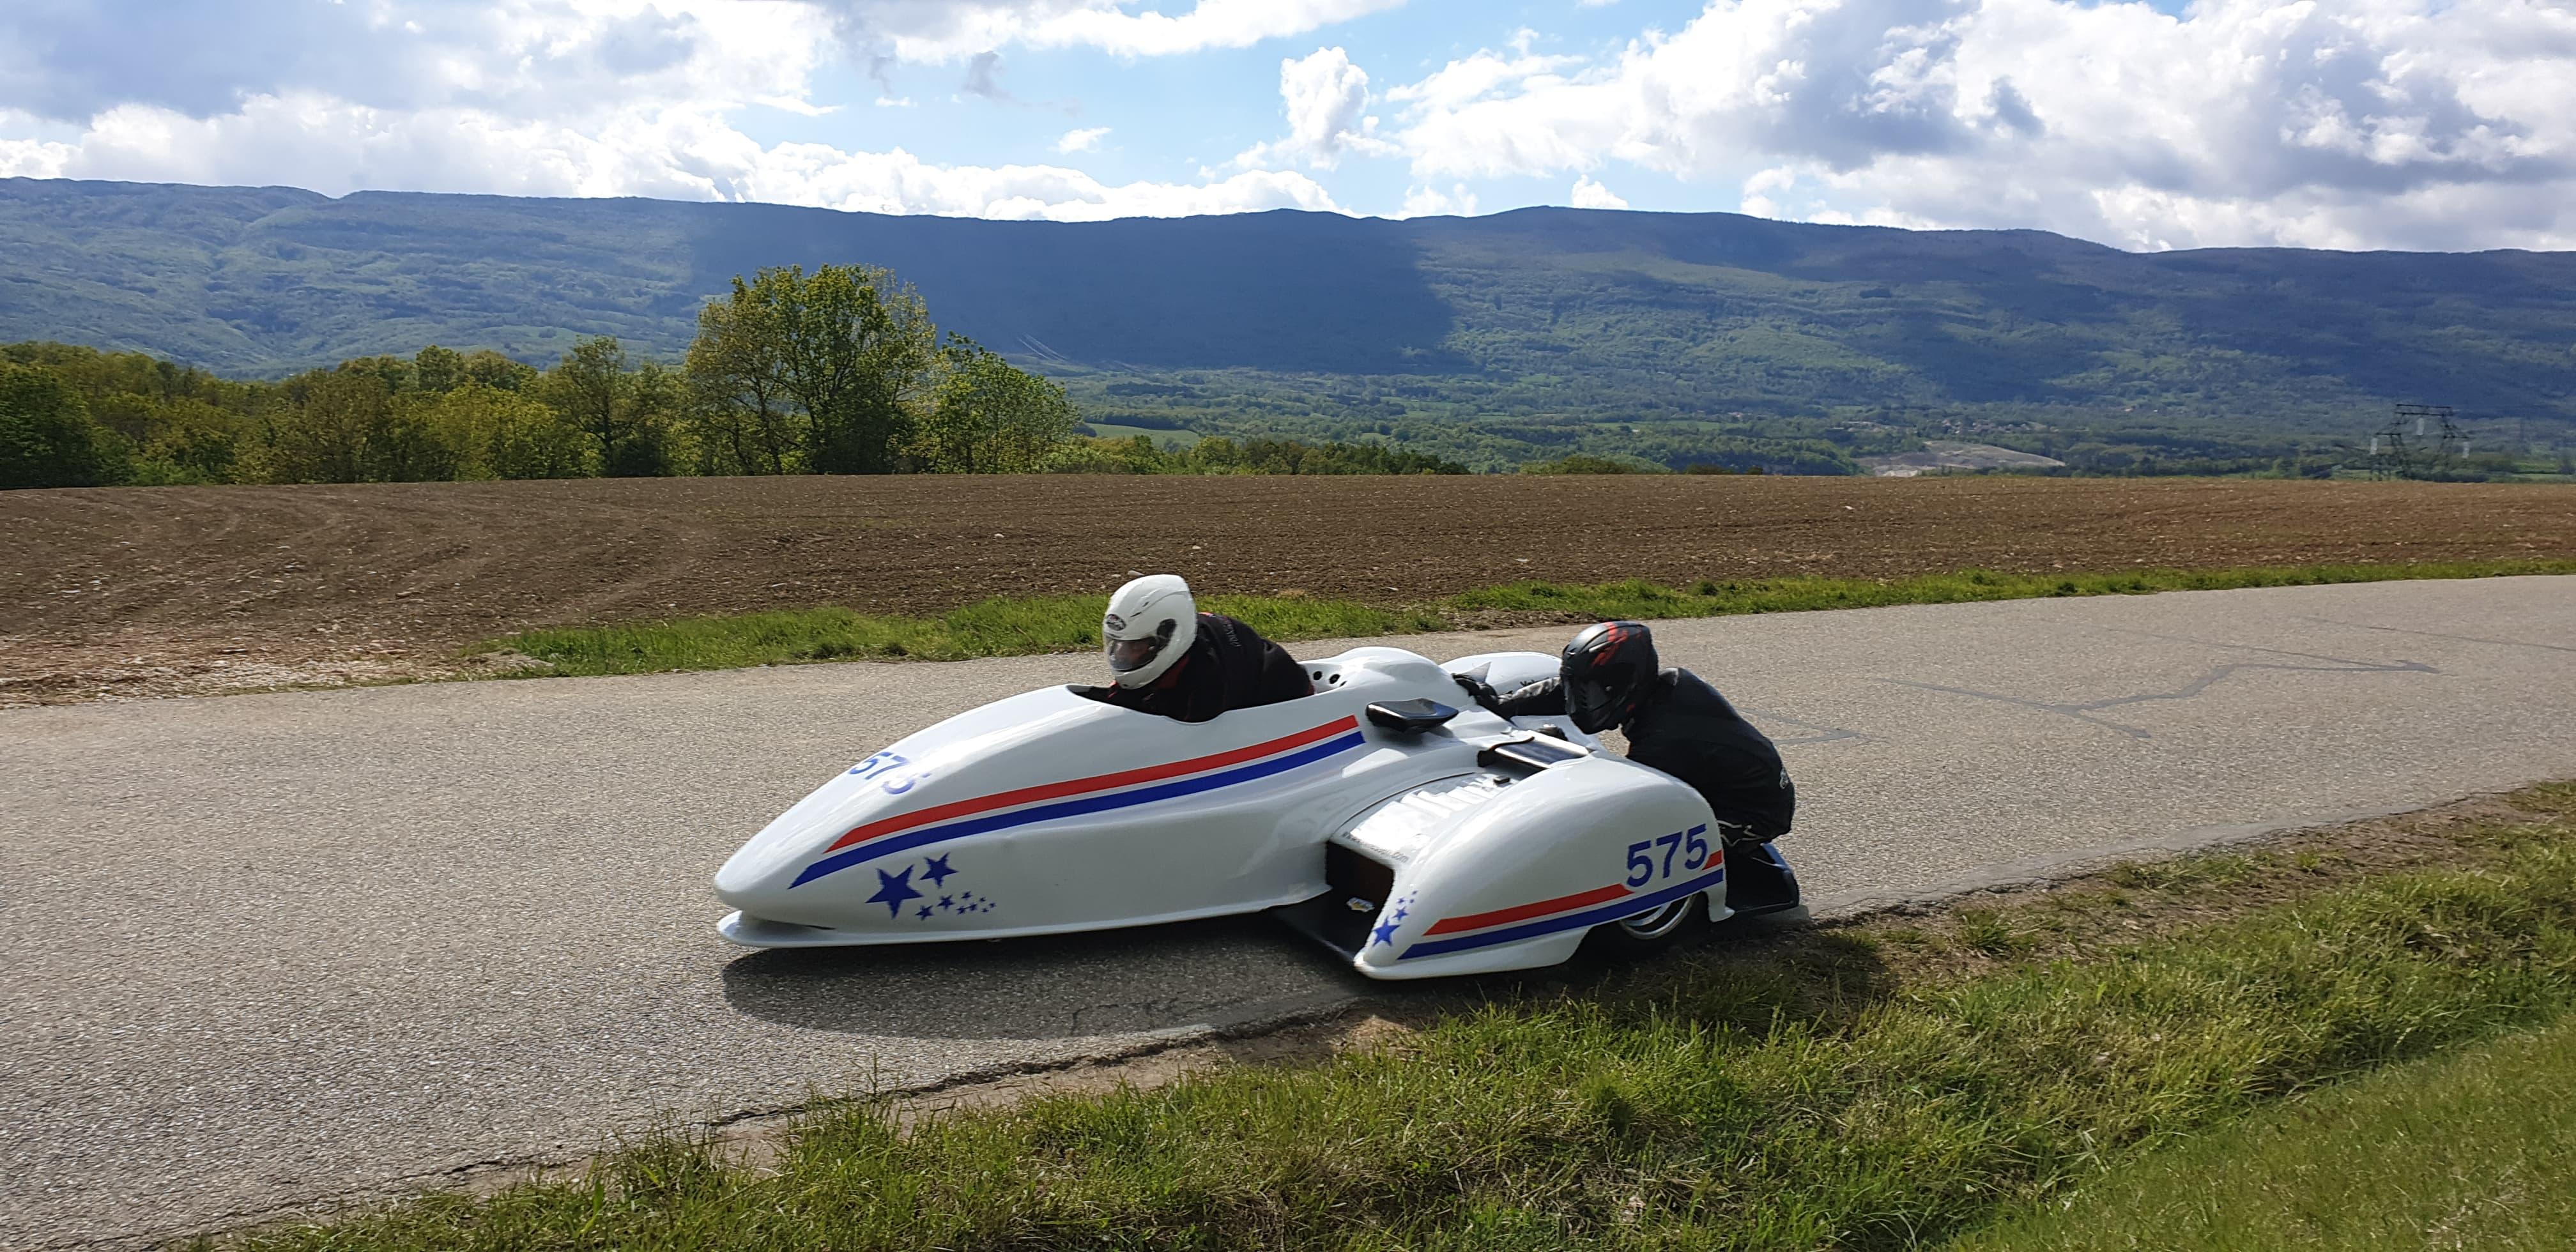 Ouverture du championnat de France de la montagne les 4 et 5 Mai derniers, à Franclens, podium pour nos side caristes